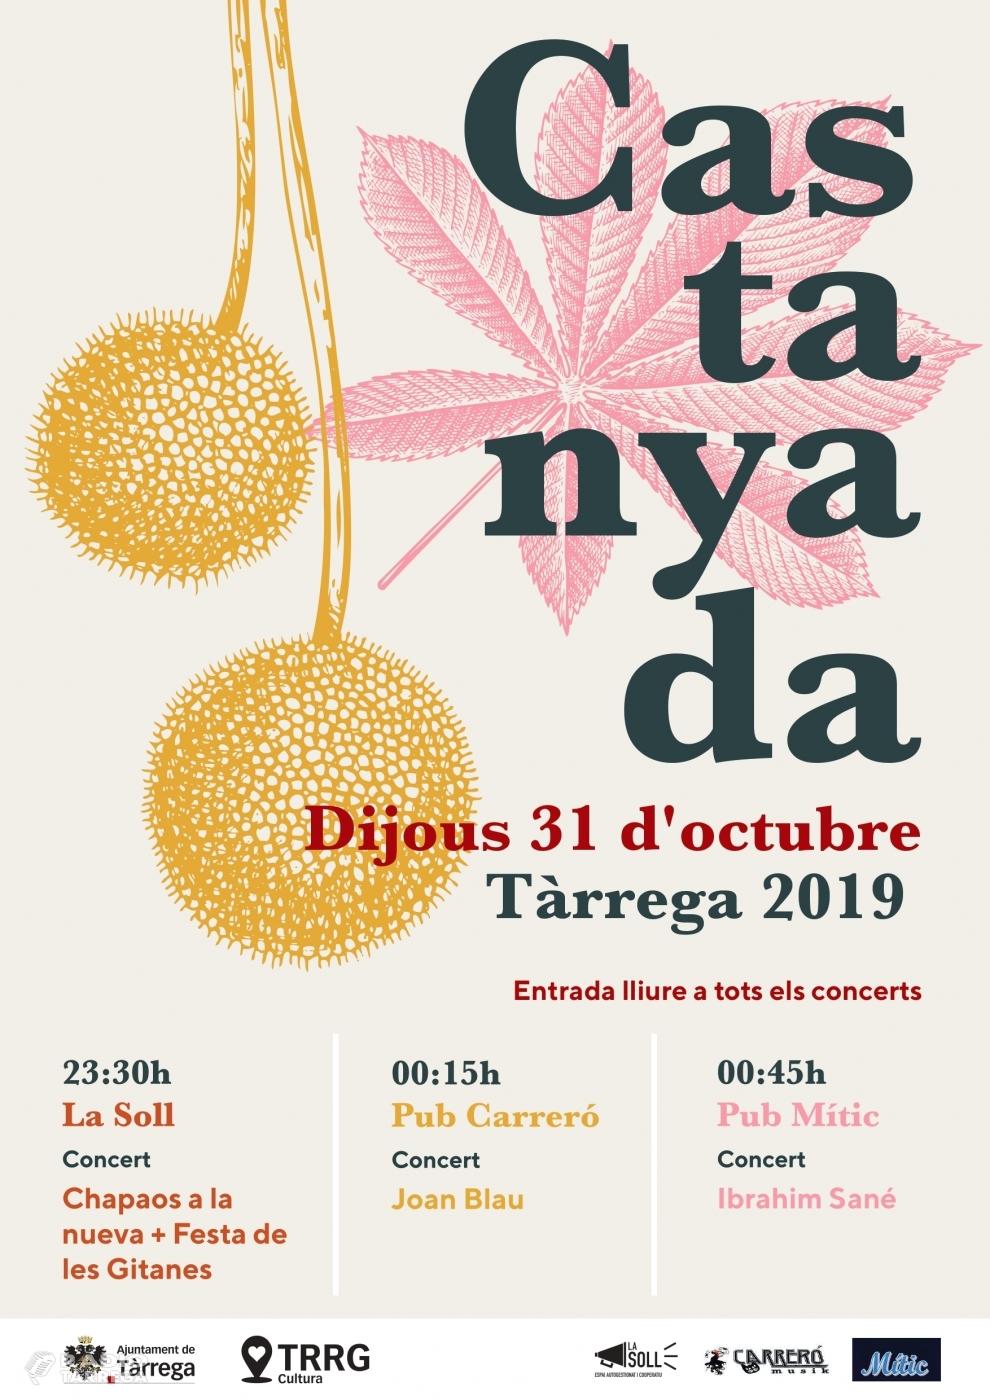 Triple concert a Tàrrega per la nit de la Castanyada amb Chapaos a la Nueva, Joan Blau i Ibrahim Sané